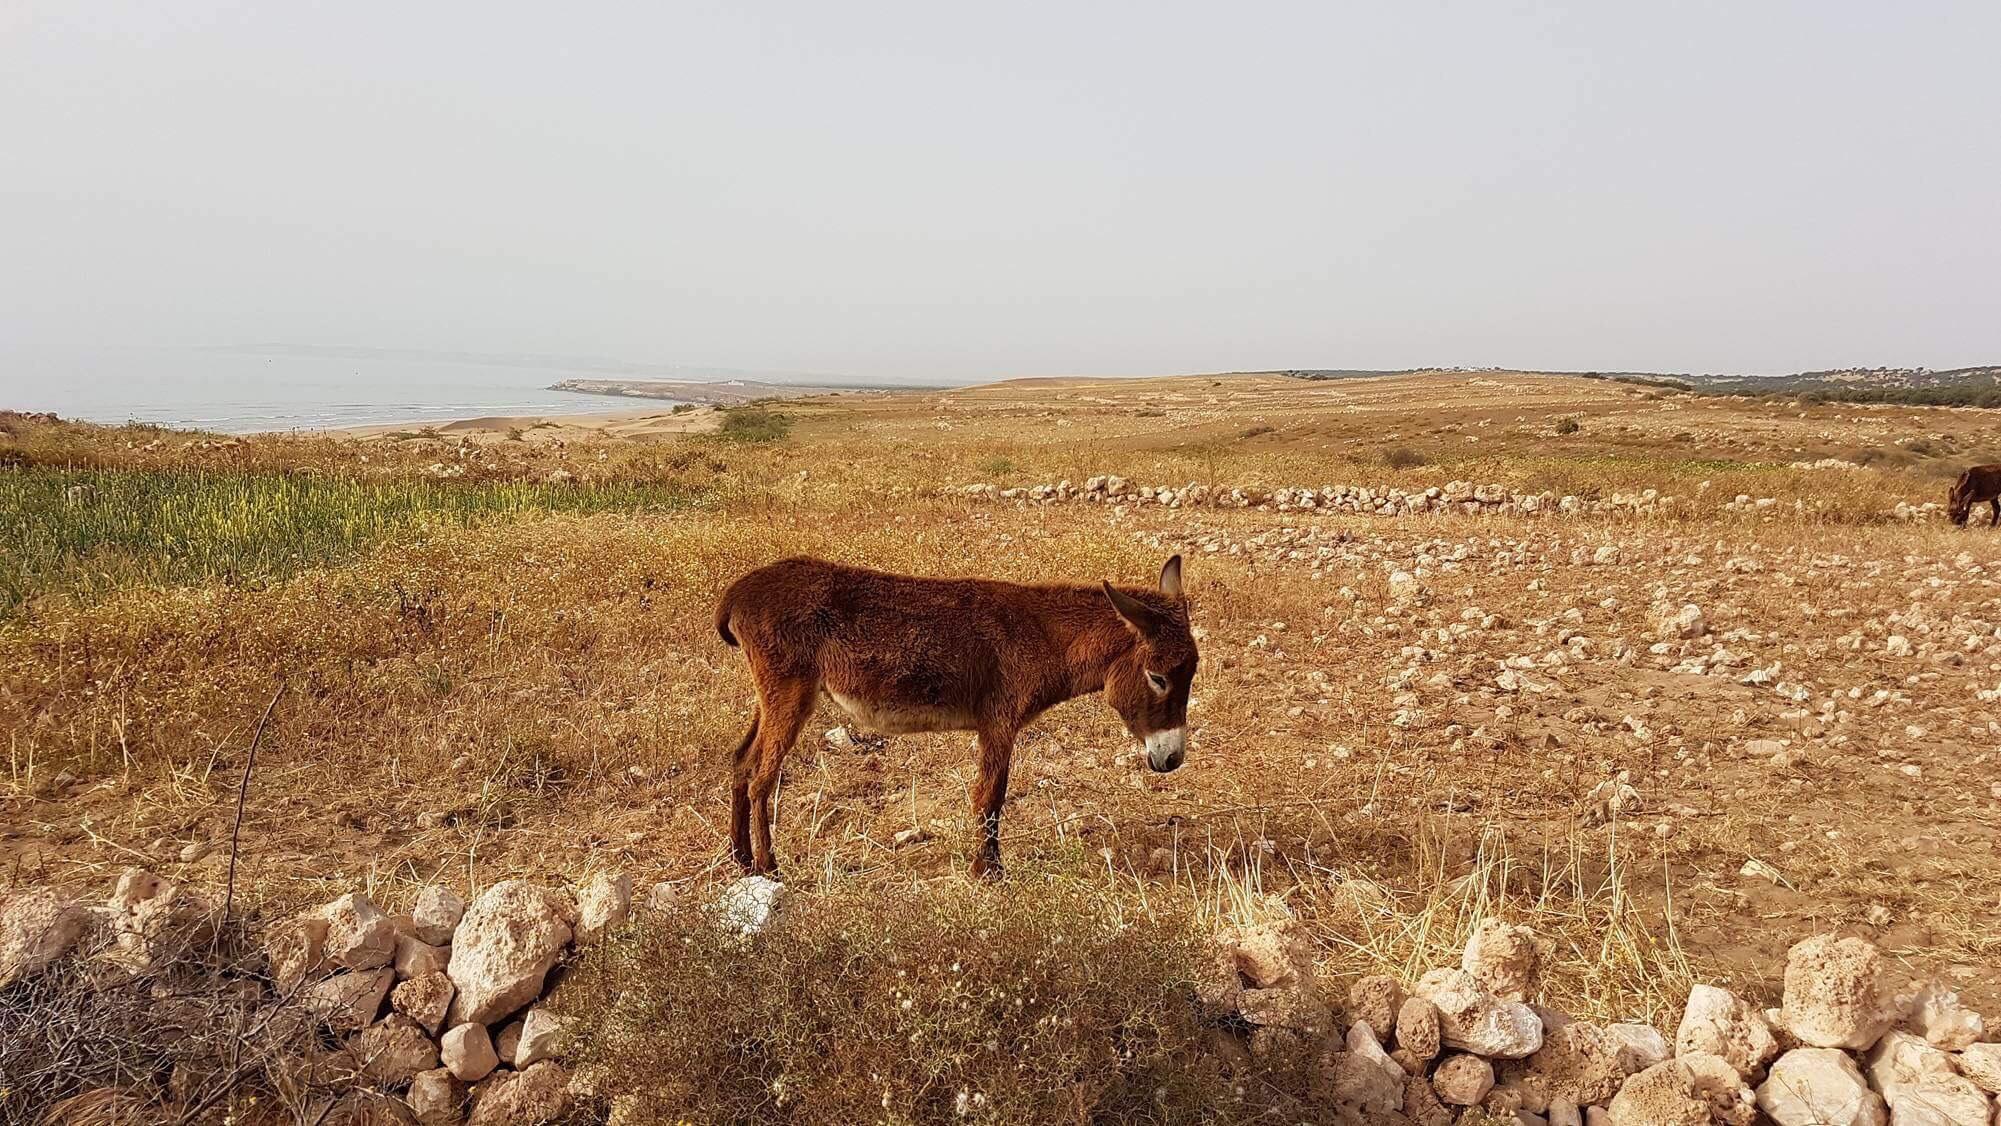 mo-bedouin-camp-kaouki-sarahgriffin2.jpg